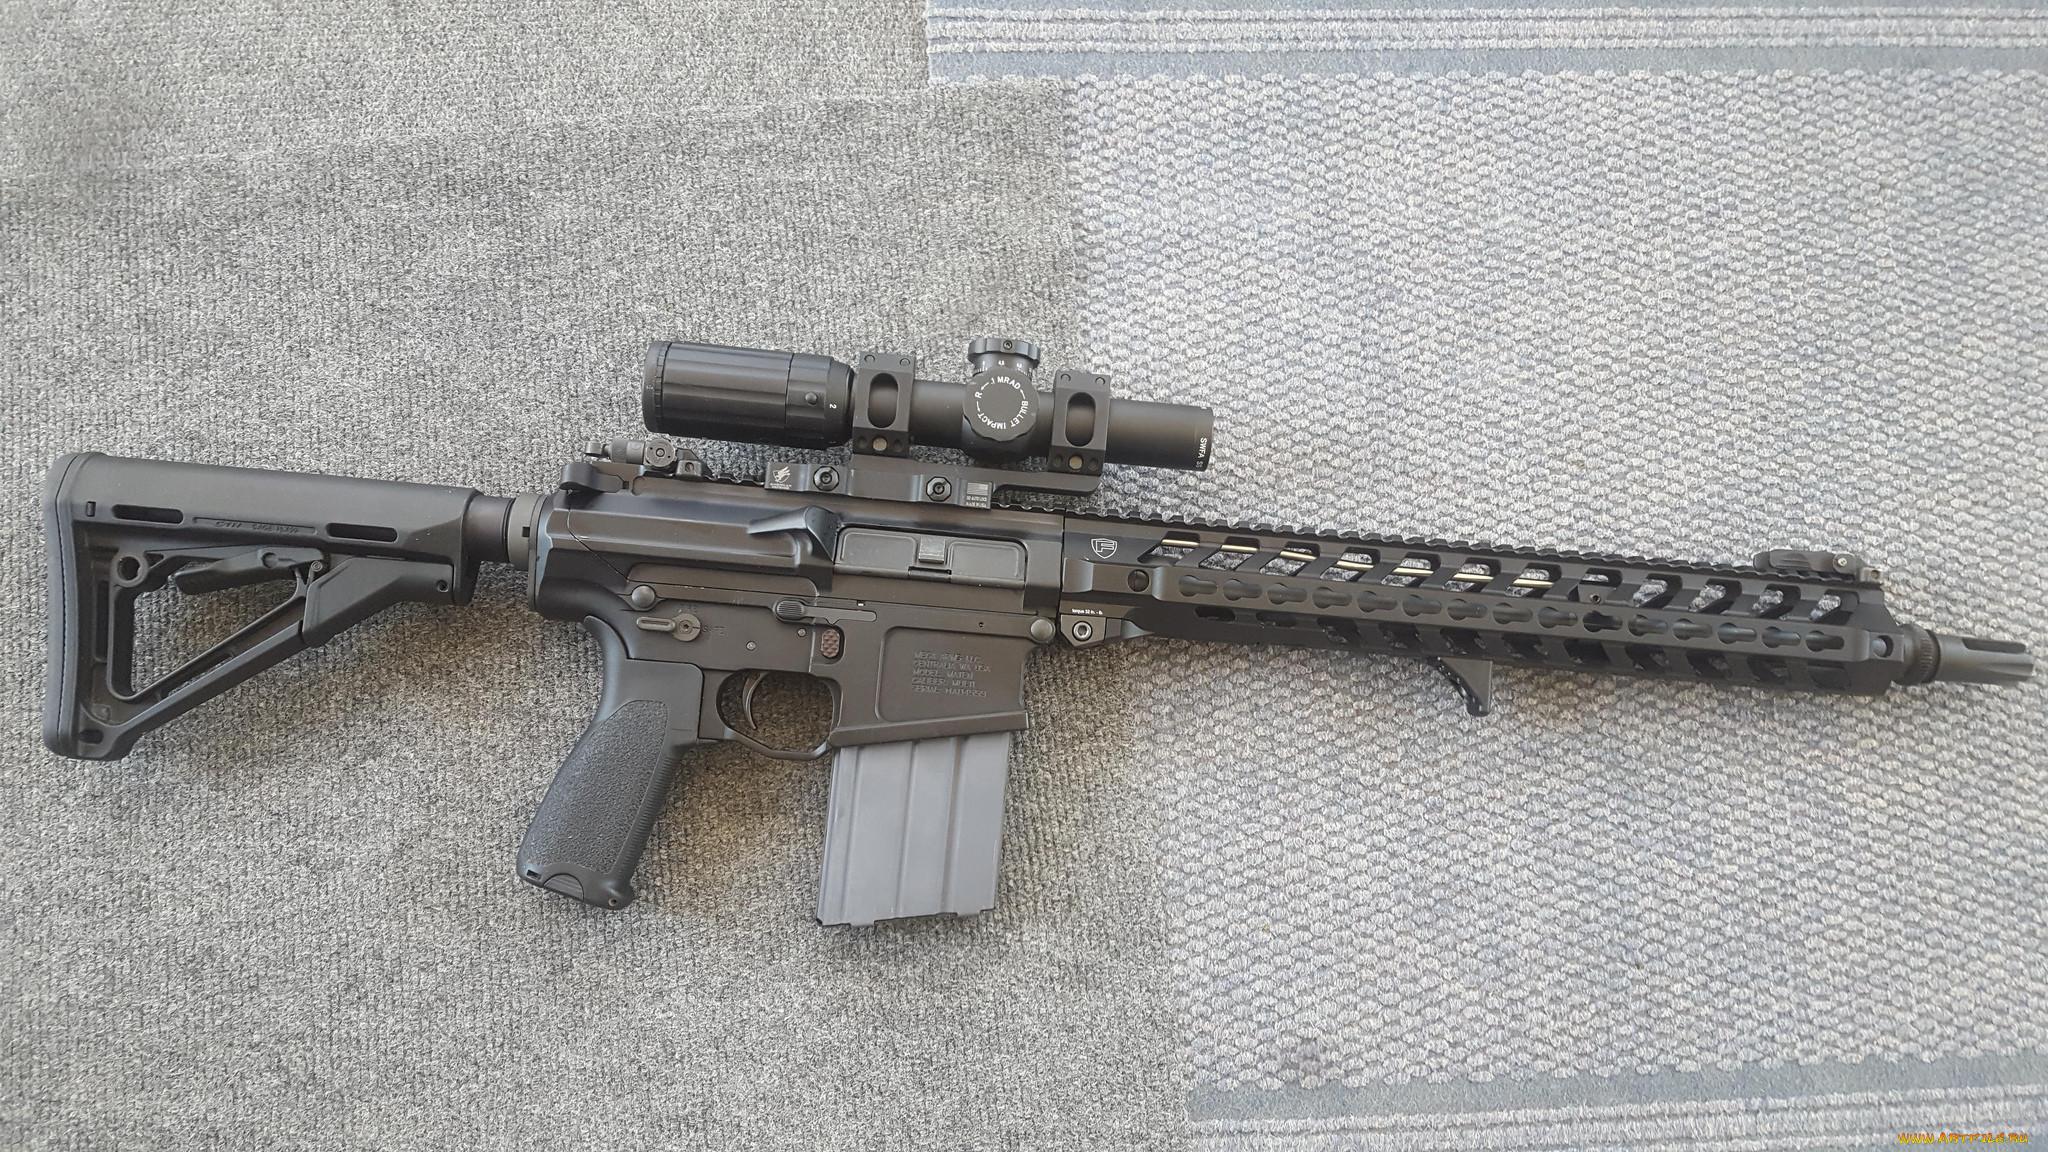 оружие, автоматы, карабин, винтовка, штурмовая